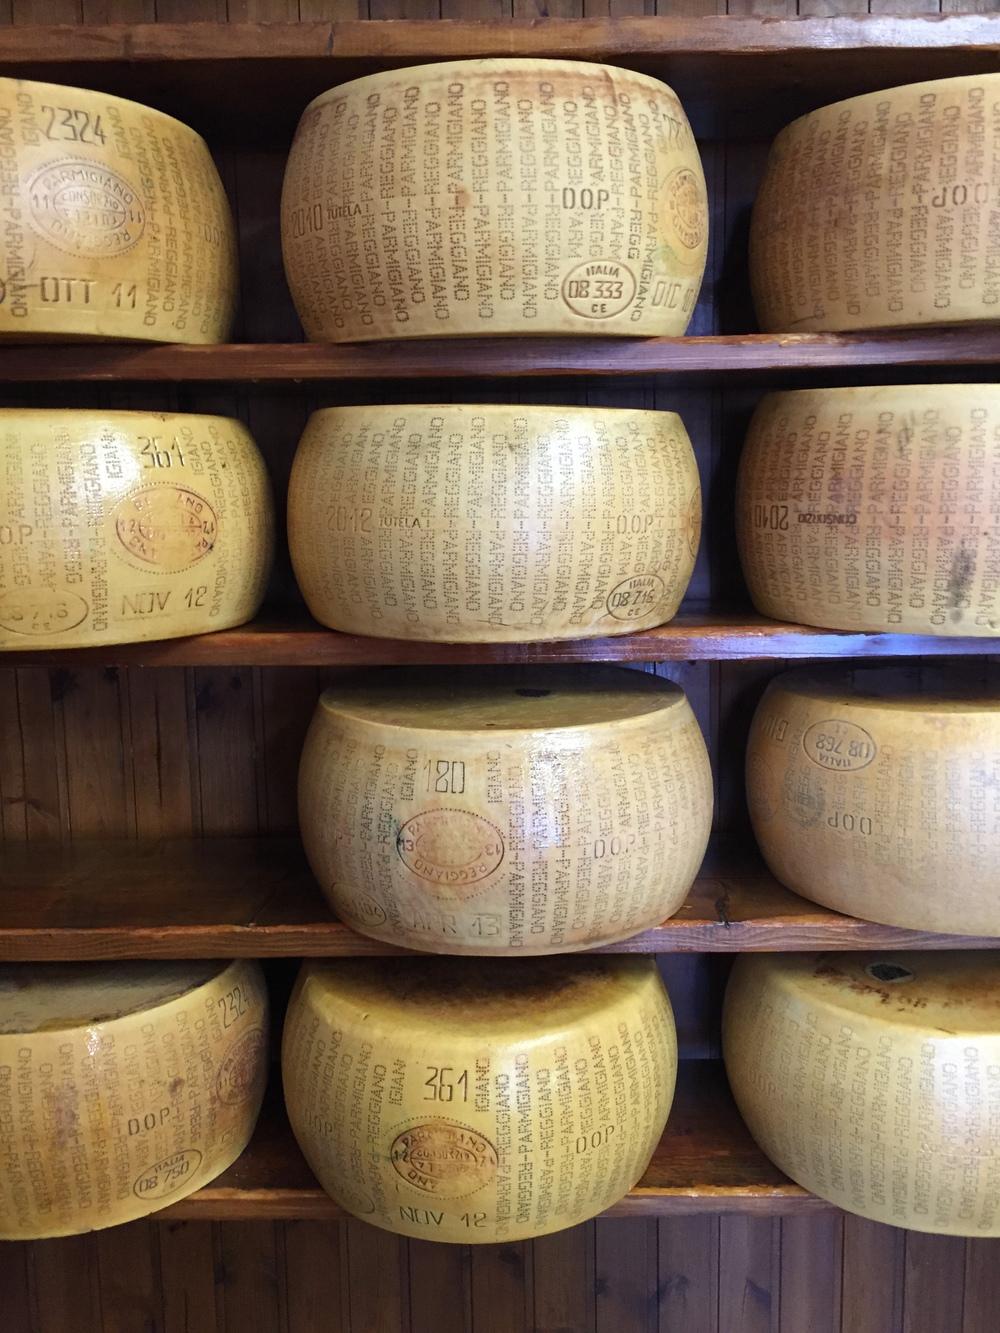 """Hver ost bærer et oprindelsesmærke, som består af et stemplet mærke på hele skorpen med ordene """"Parmigiano Reggiano"""". Et nummer der identificerer mejeriet. Angivelse af produktionsmåned- og år. Og derudover garanteres sporbarheden af et mærke på ostens overside med en unik kode, der kan scannes af en computer og identificere den enkelte ost."""